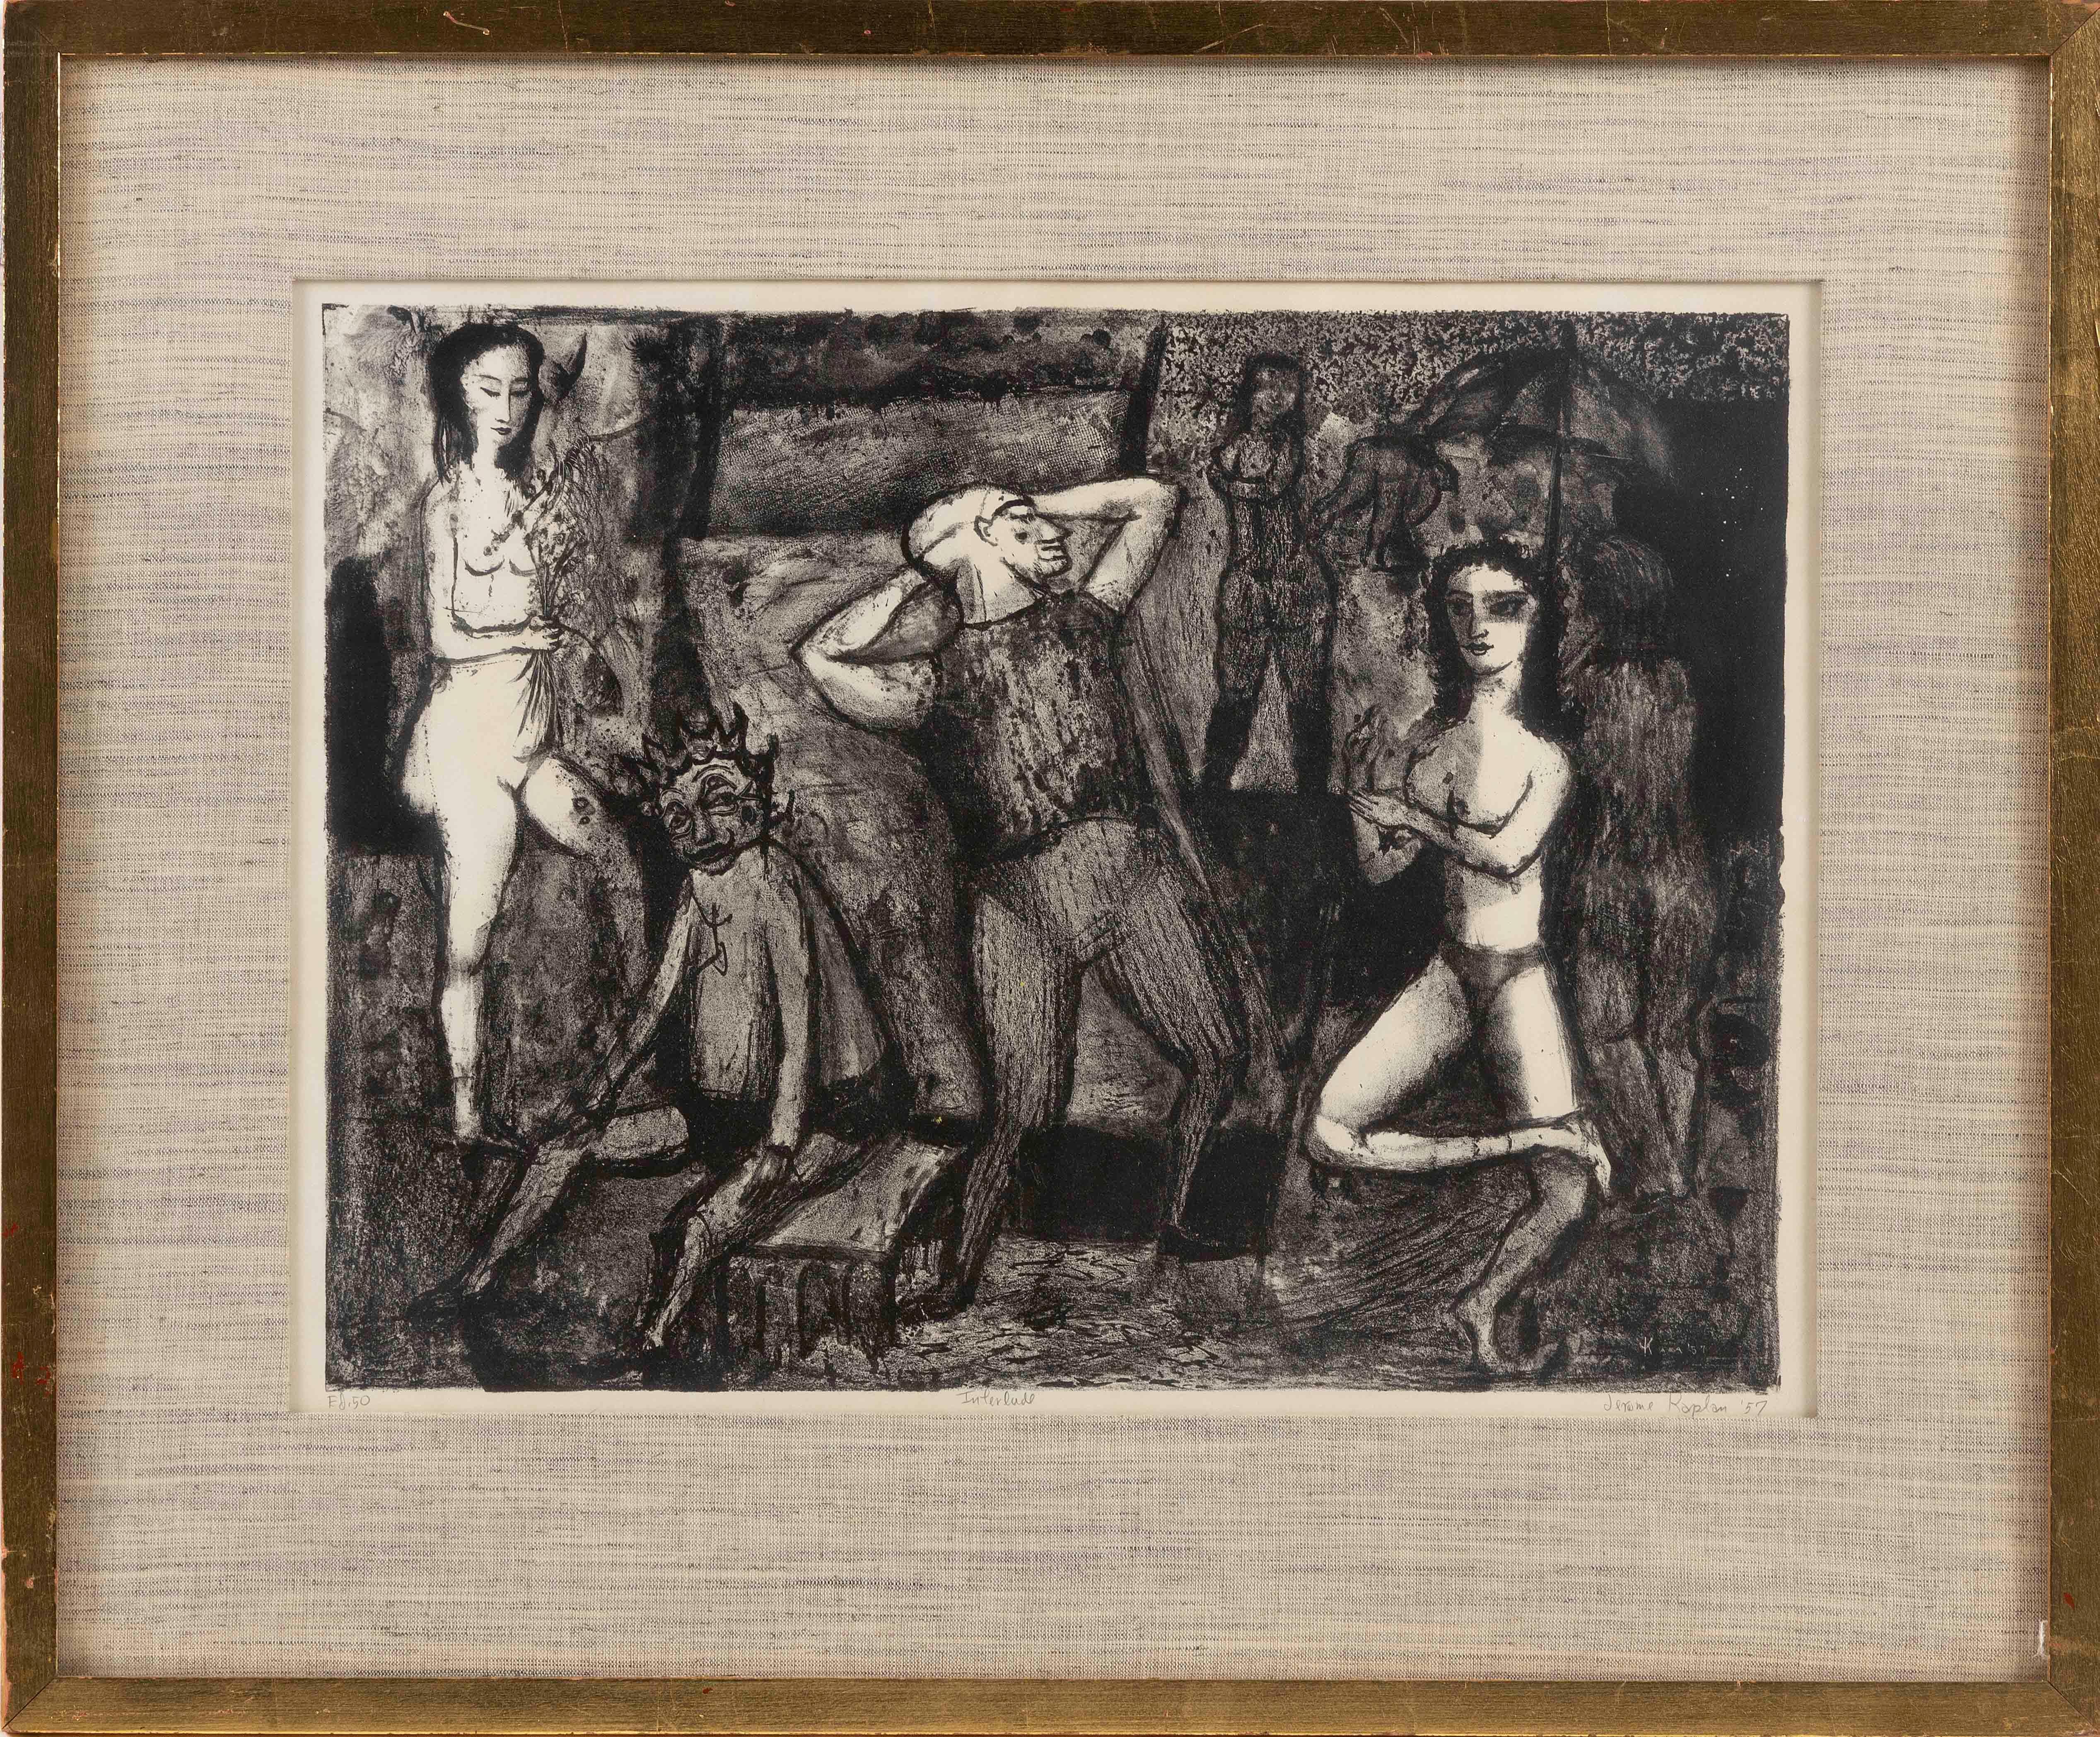 """JEROME EUGENE KAPLAN (Pennsylvania, b. 1920), Dance scene., Lithograph on paper, 14.5"""" x 19.5"""" sight. Framed 22.5"""" x 26.5""""."""